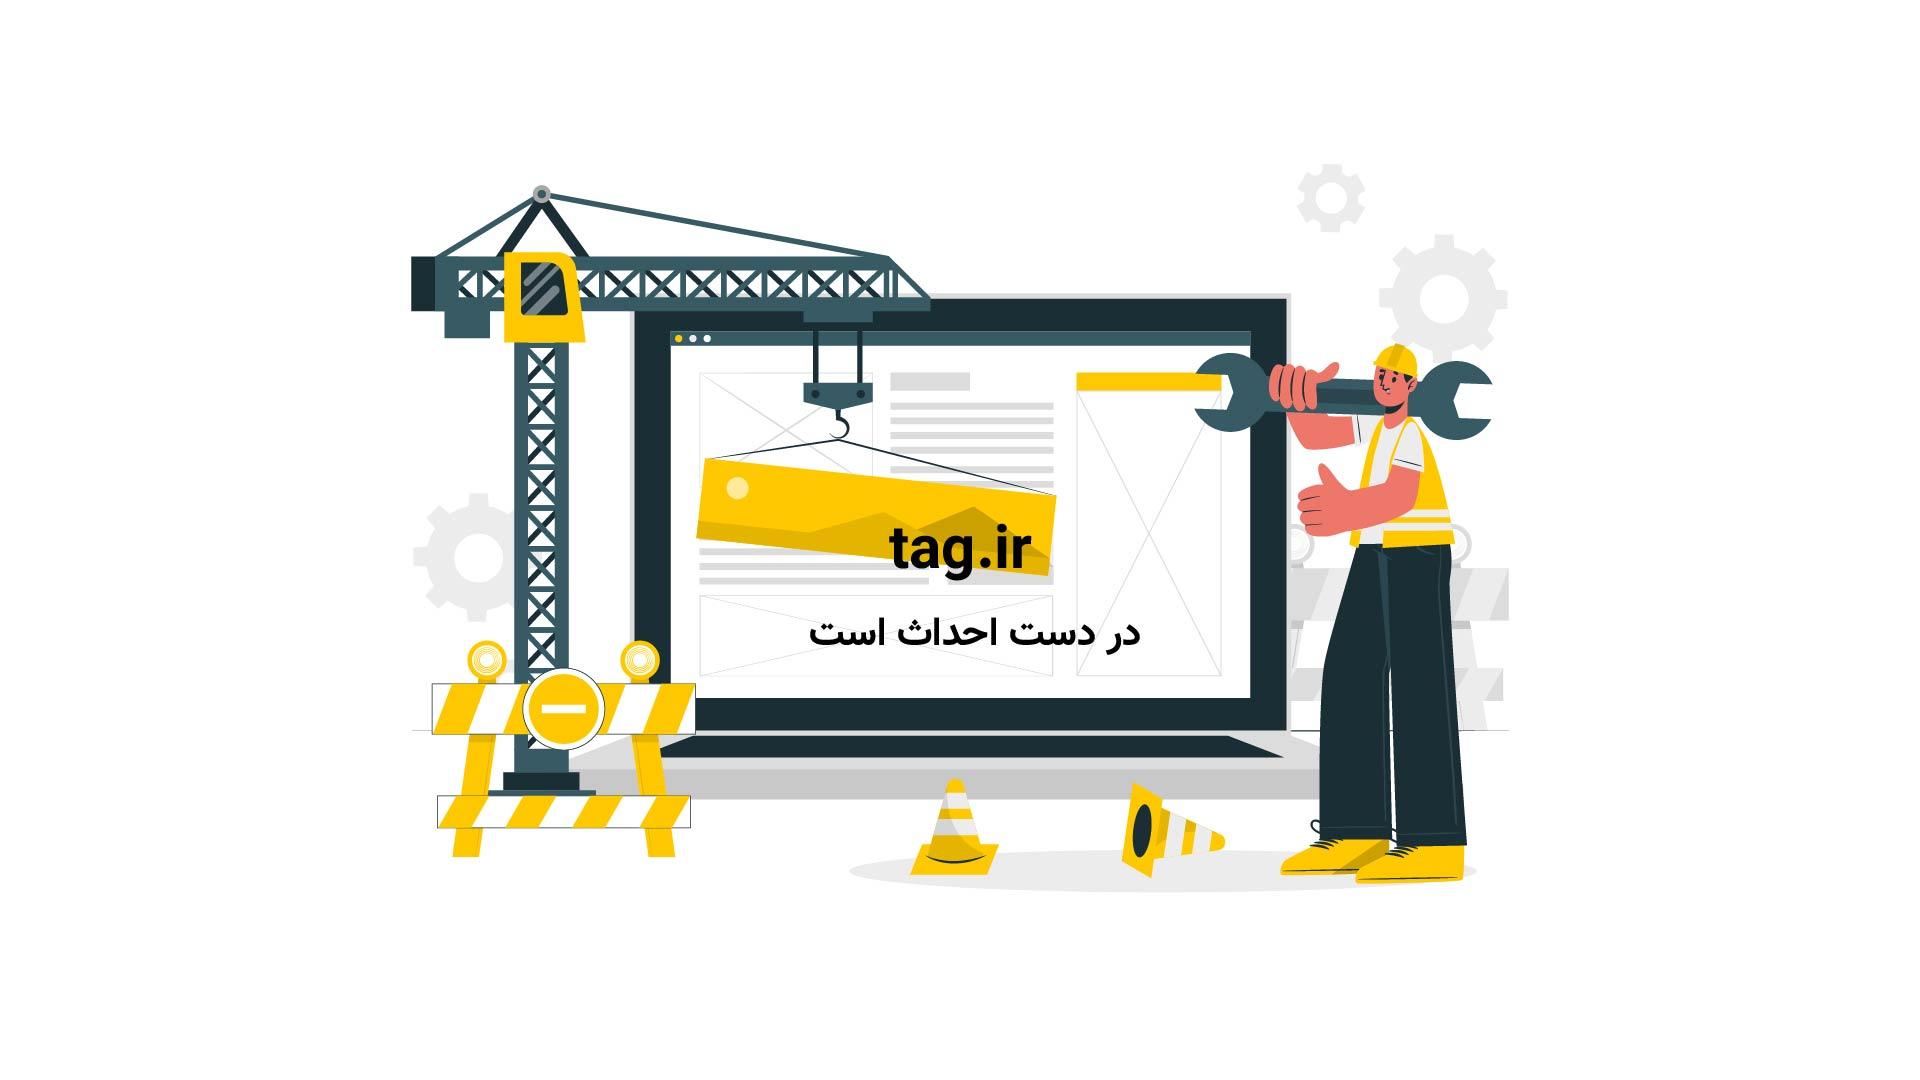 لحظه زیبای حمام گرفتن زرد پره سر سرخ | فیلم